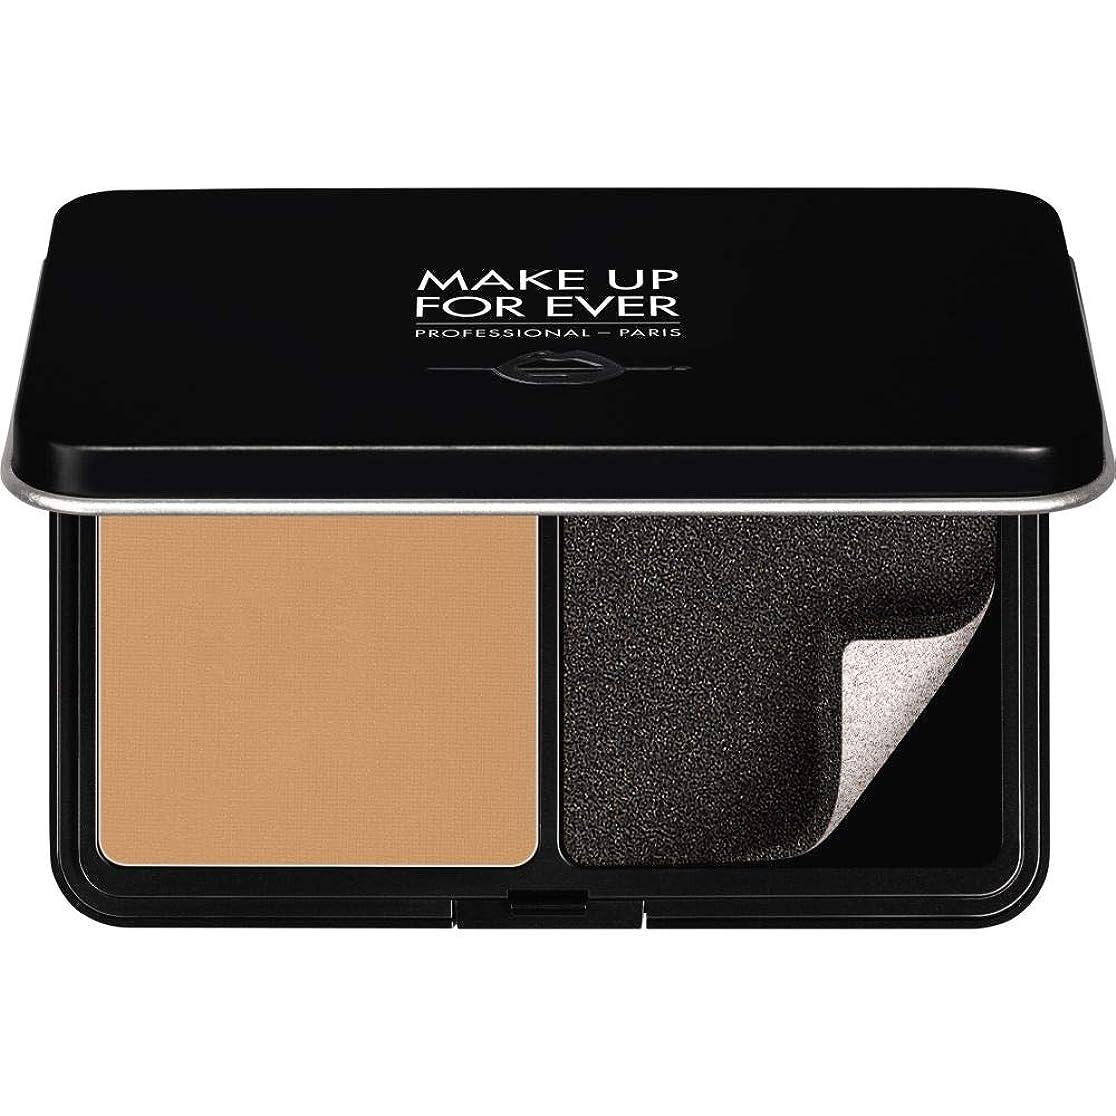 炭水化物たくさんの虐待[MAKE UP FOR EVER ] パウダーファンデーション11GののY365をぼかし、これまでマットベルベットの肌を補う - 砂漠 - MAKE UP FOR EVER Matte Velvet Skin Blurring Powder Foundation 11g Y365 - Desert [並行輸入品]